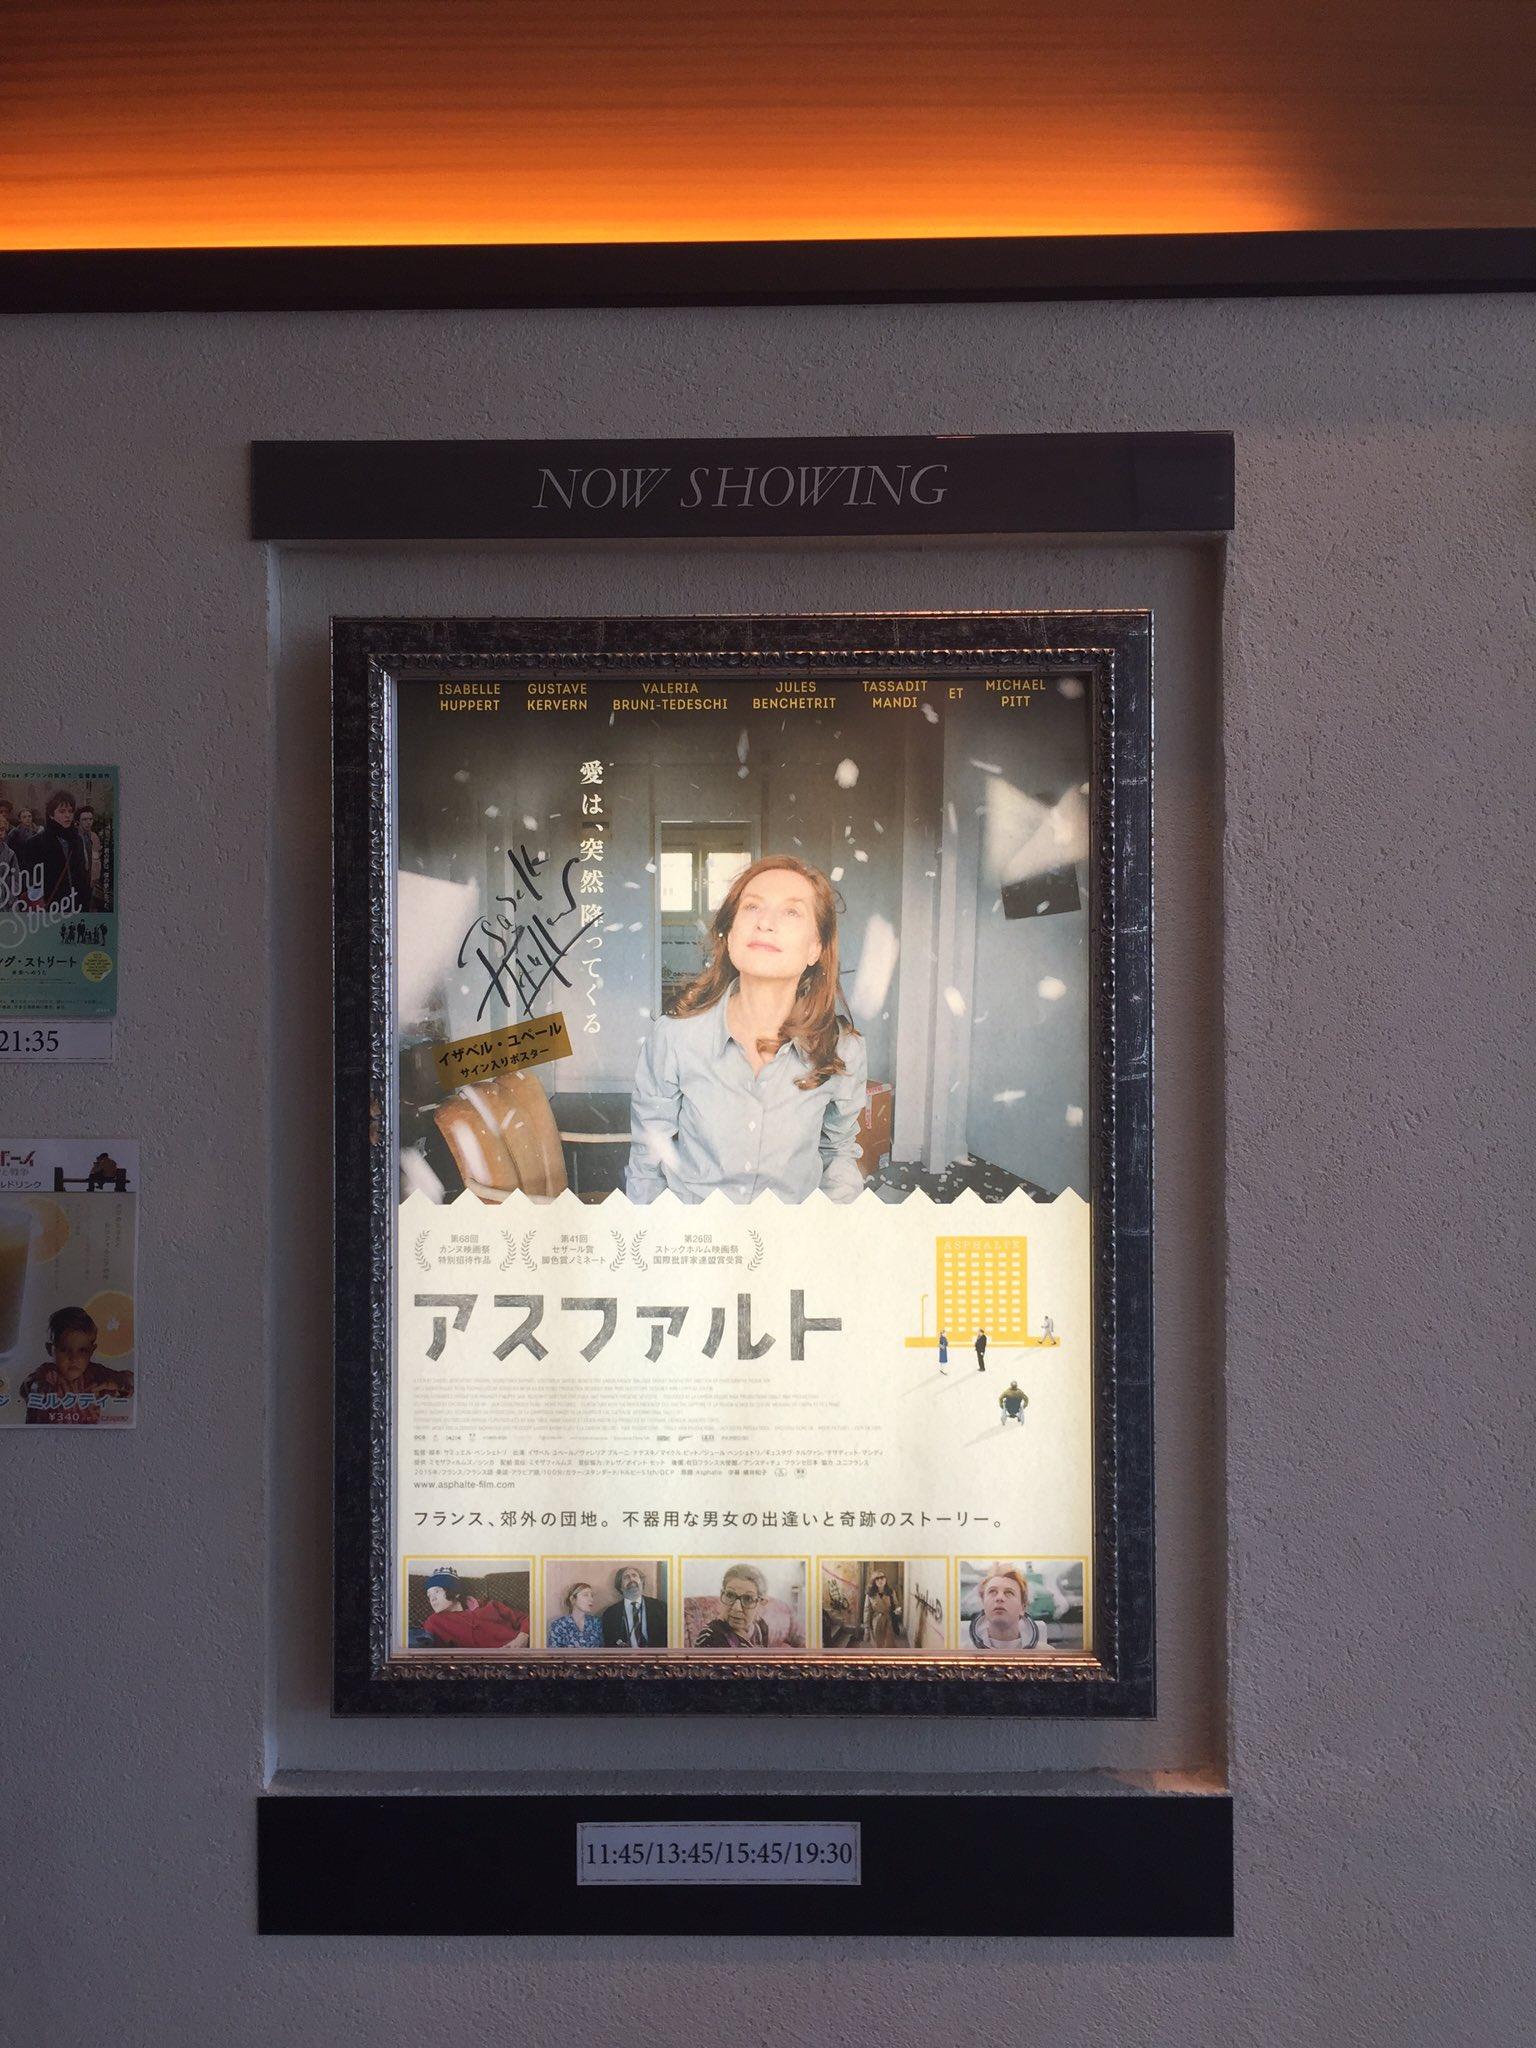 銀座・有楽町・日比谷・築地の映画上映情報/レッ …